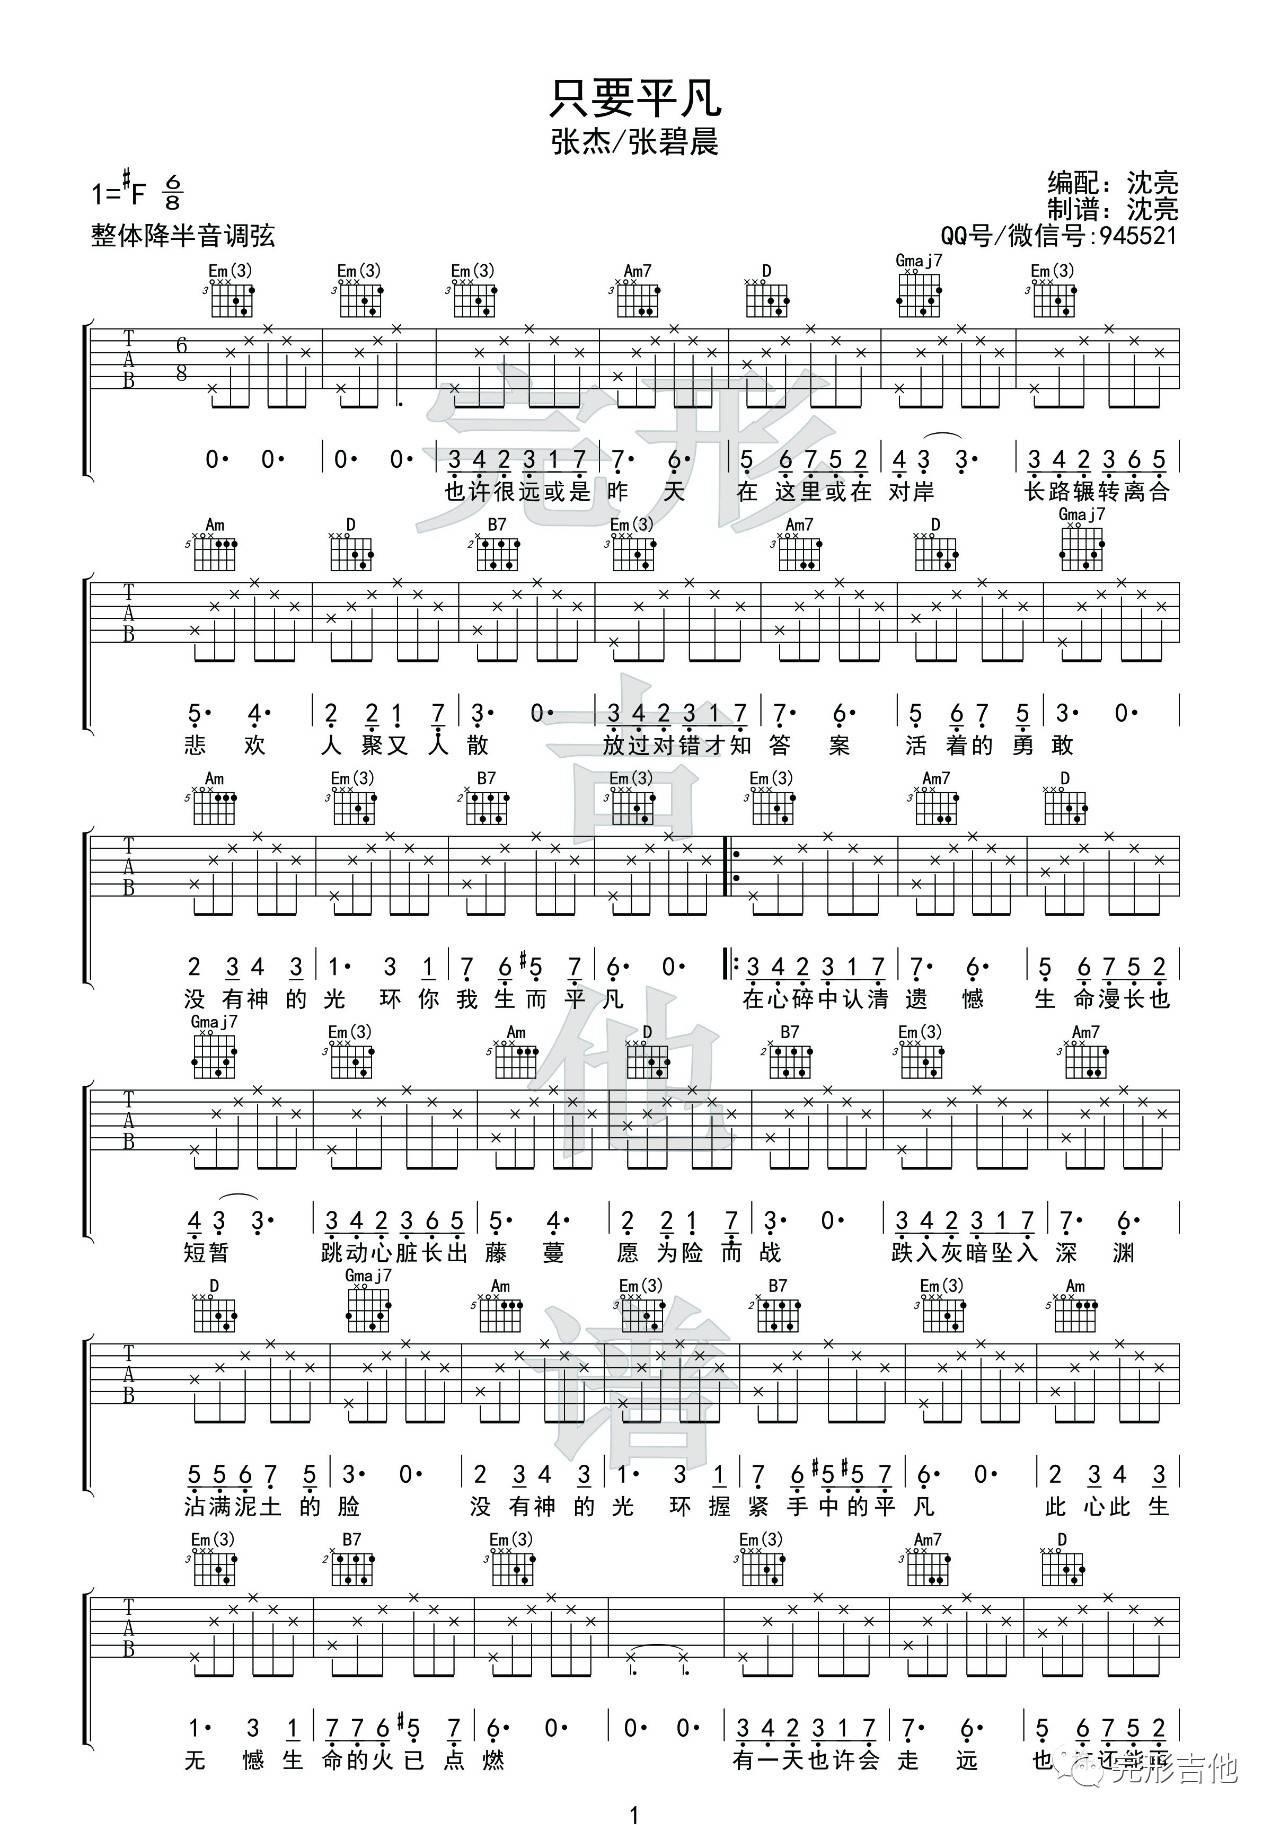 吉他派《只要平凡》吉他谱完形吉他版-1